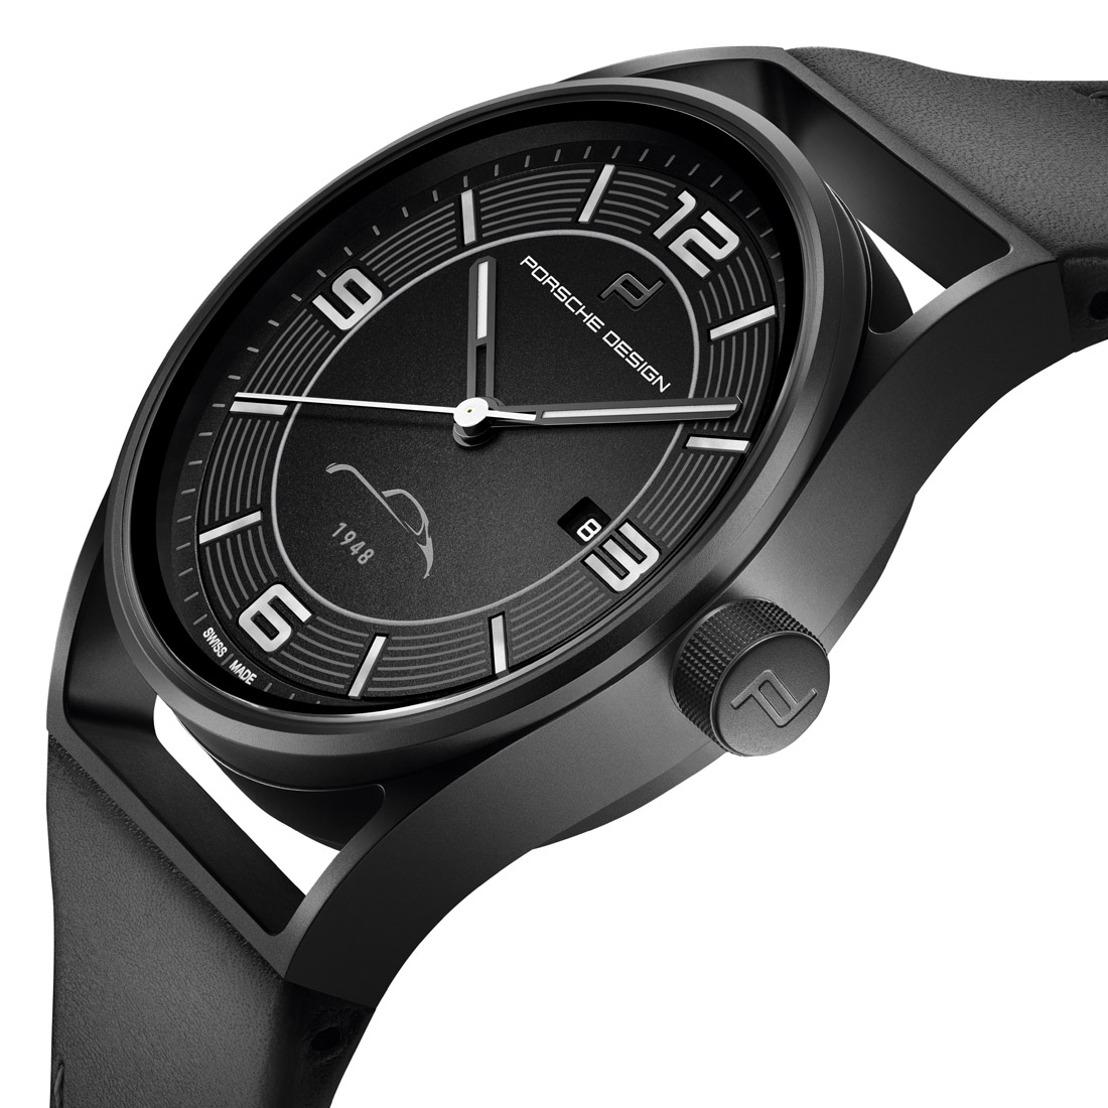 Dos relojes de Porsche Design para congelar el tiempo